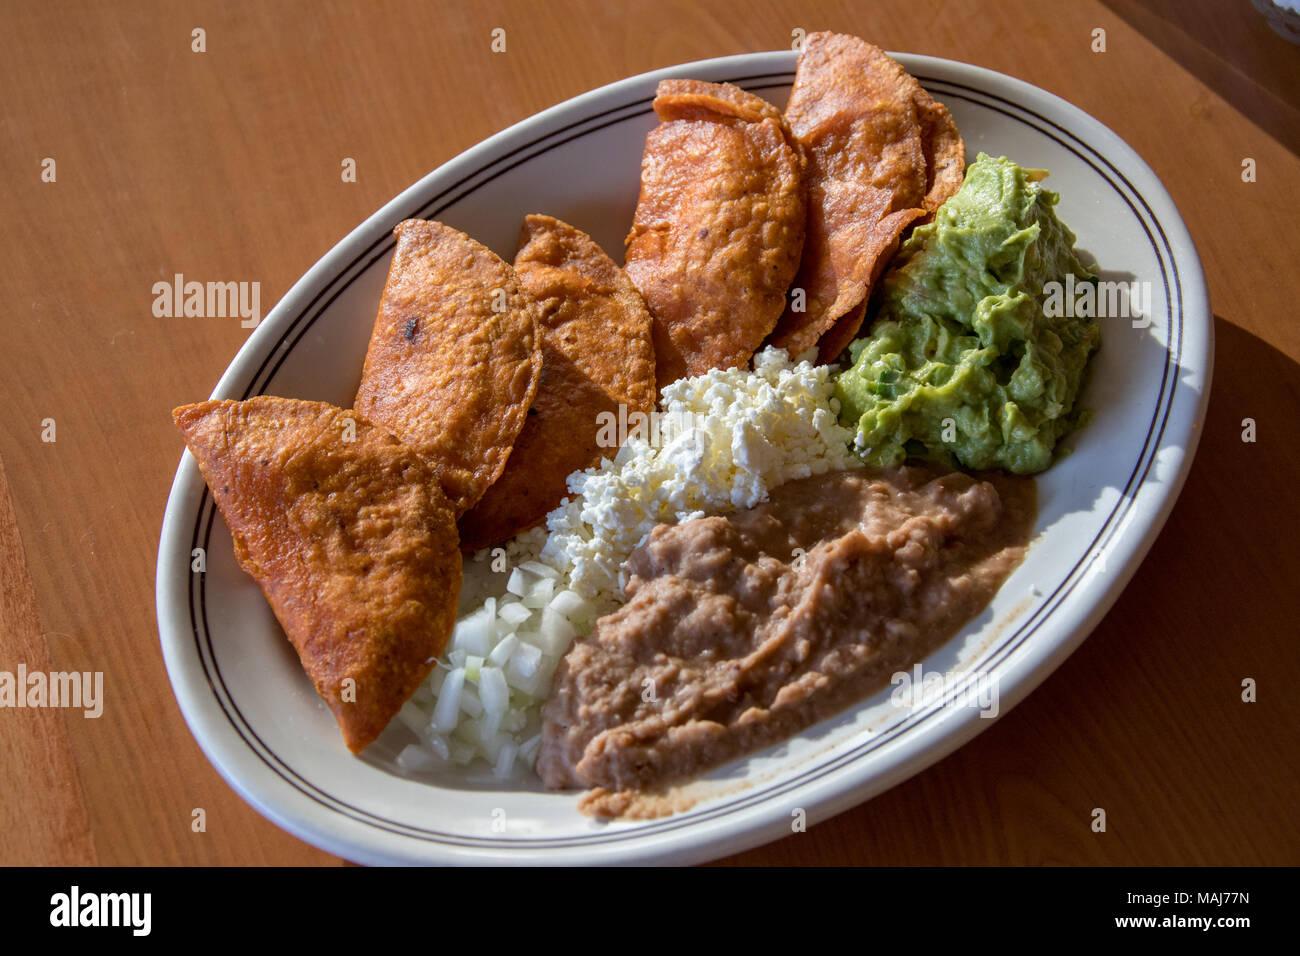 Enchiladas Potosinas at La Parroquia Potosina restaurant, San Luis Potosi, Mexico Stock Photo